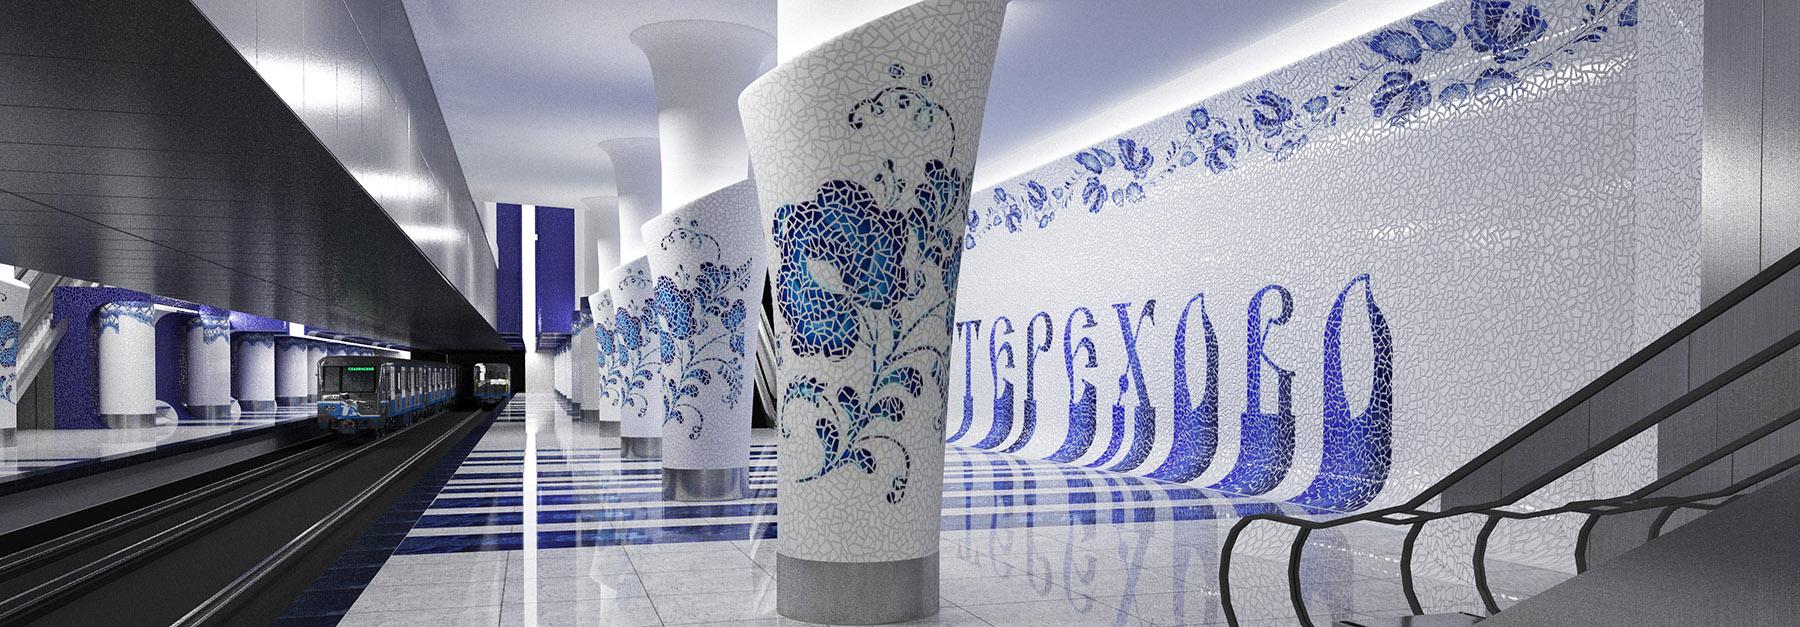 Станция метро ТЕРЕХОВО